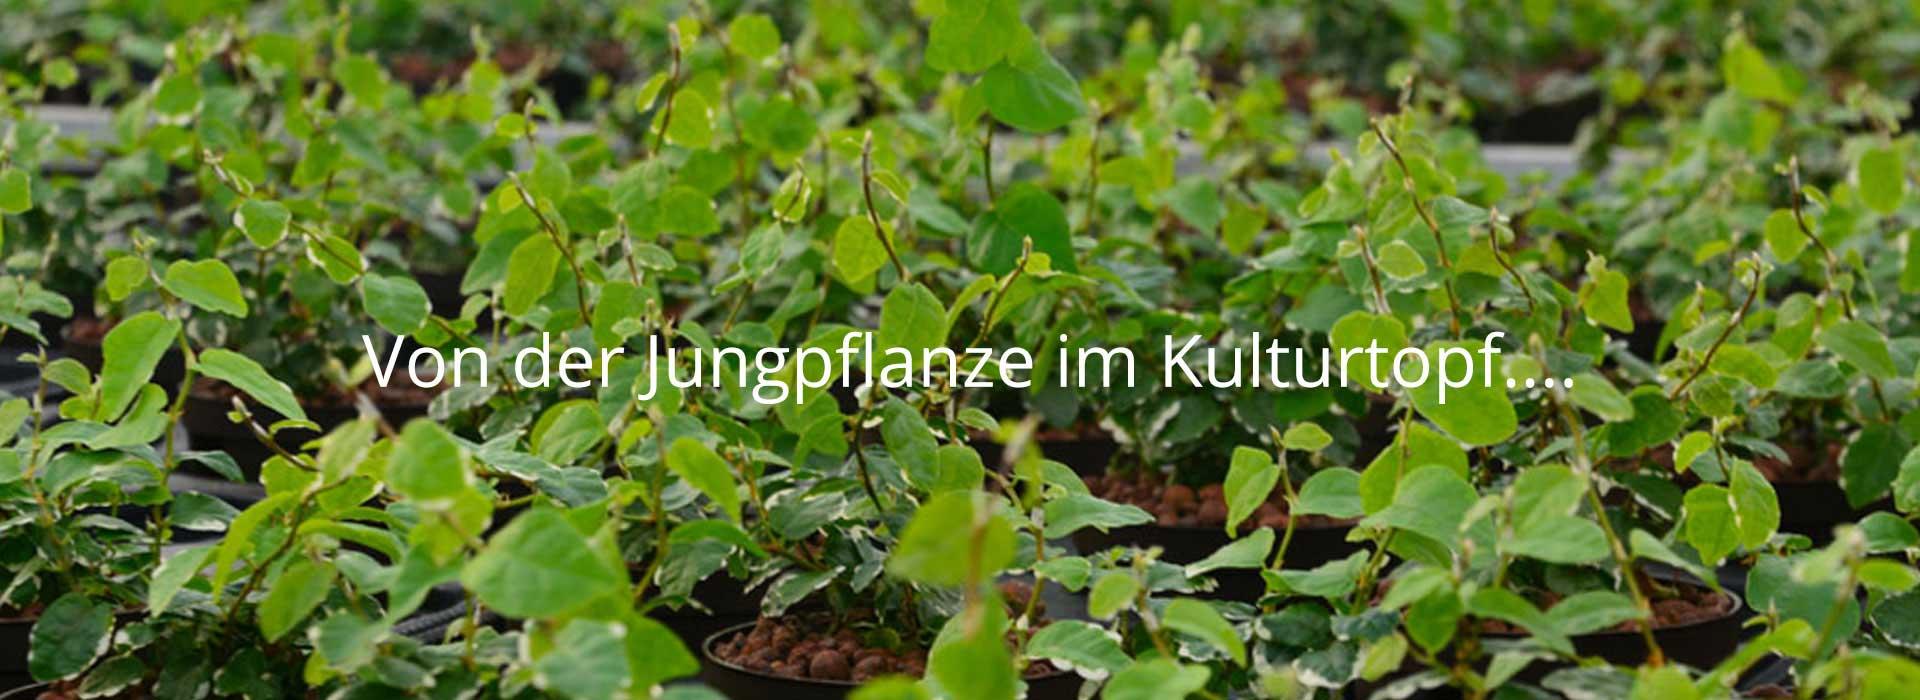 Von der Jungpflanze im Kulturtopf ...